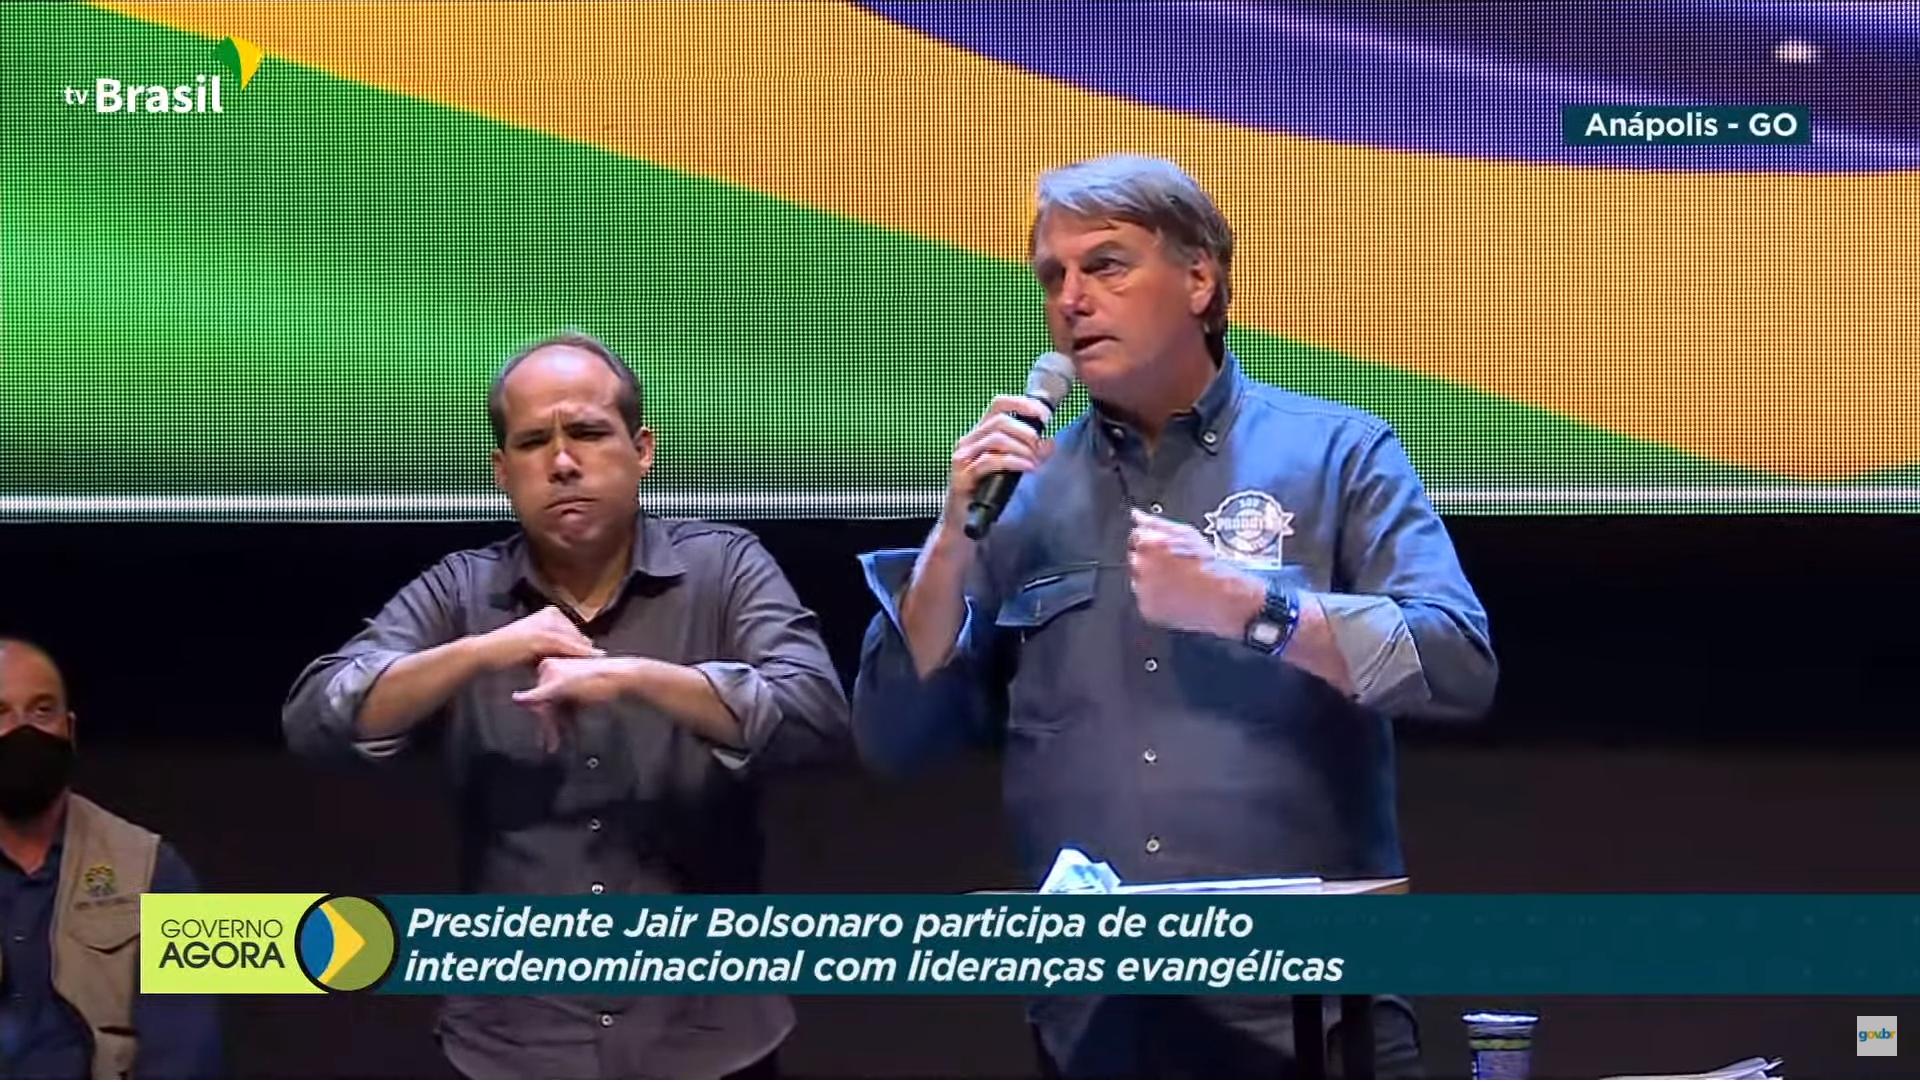 IMAGEM: Transmissão de culto pela TV Brasil configura crime de responsabilidade, dizem especialistas